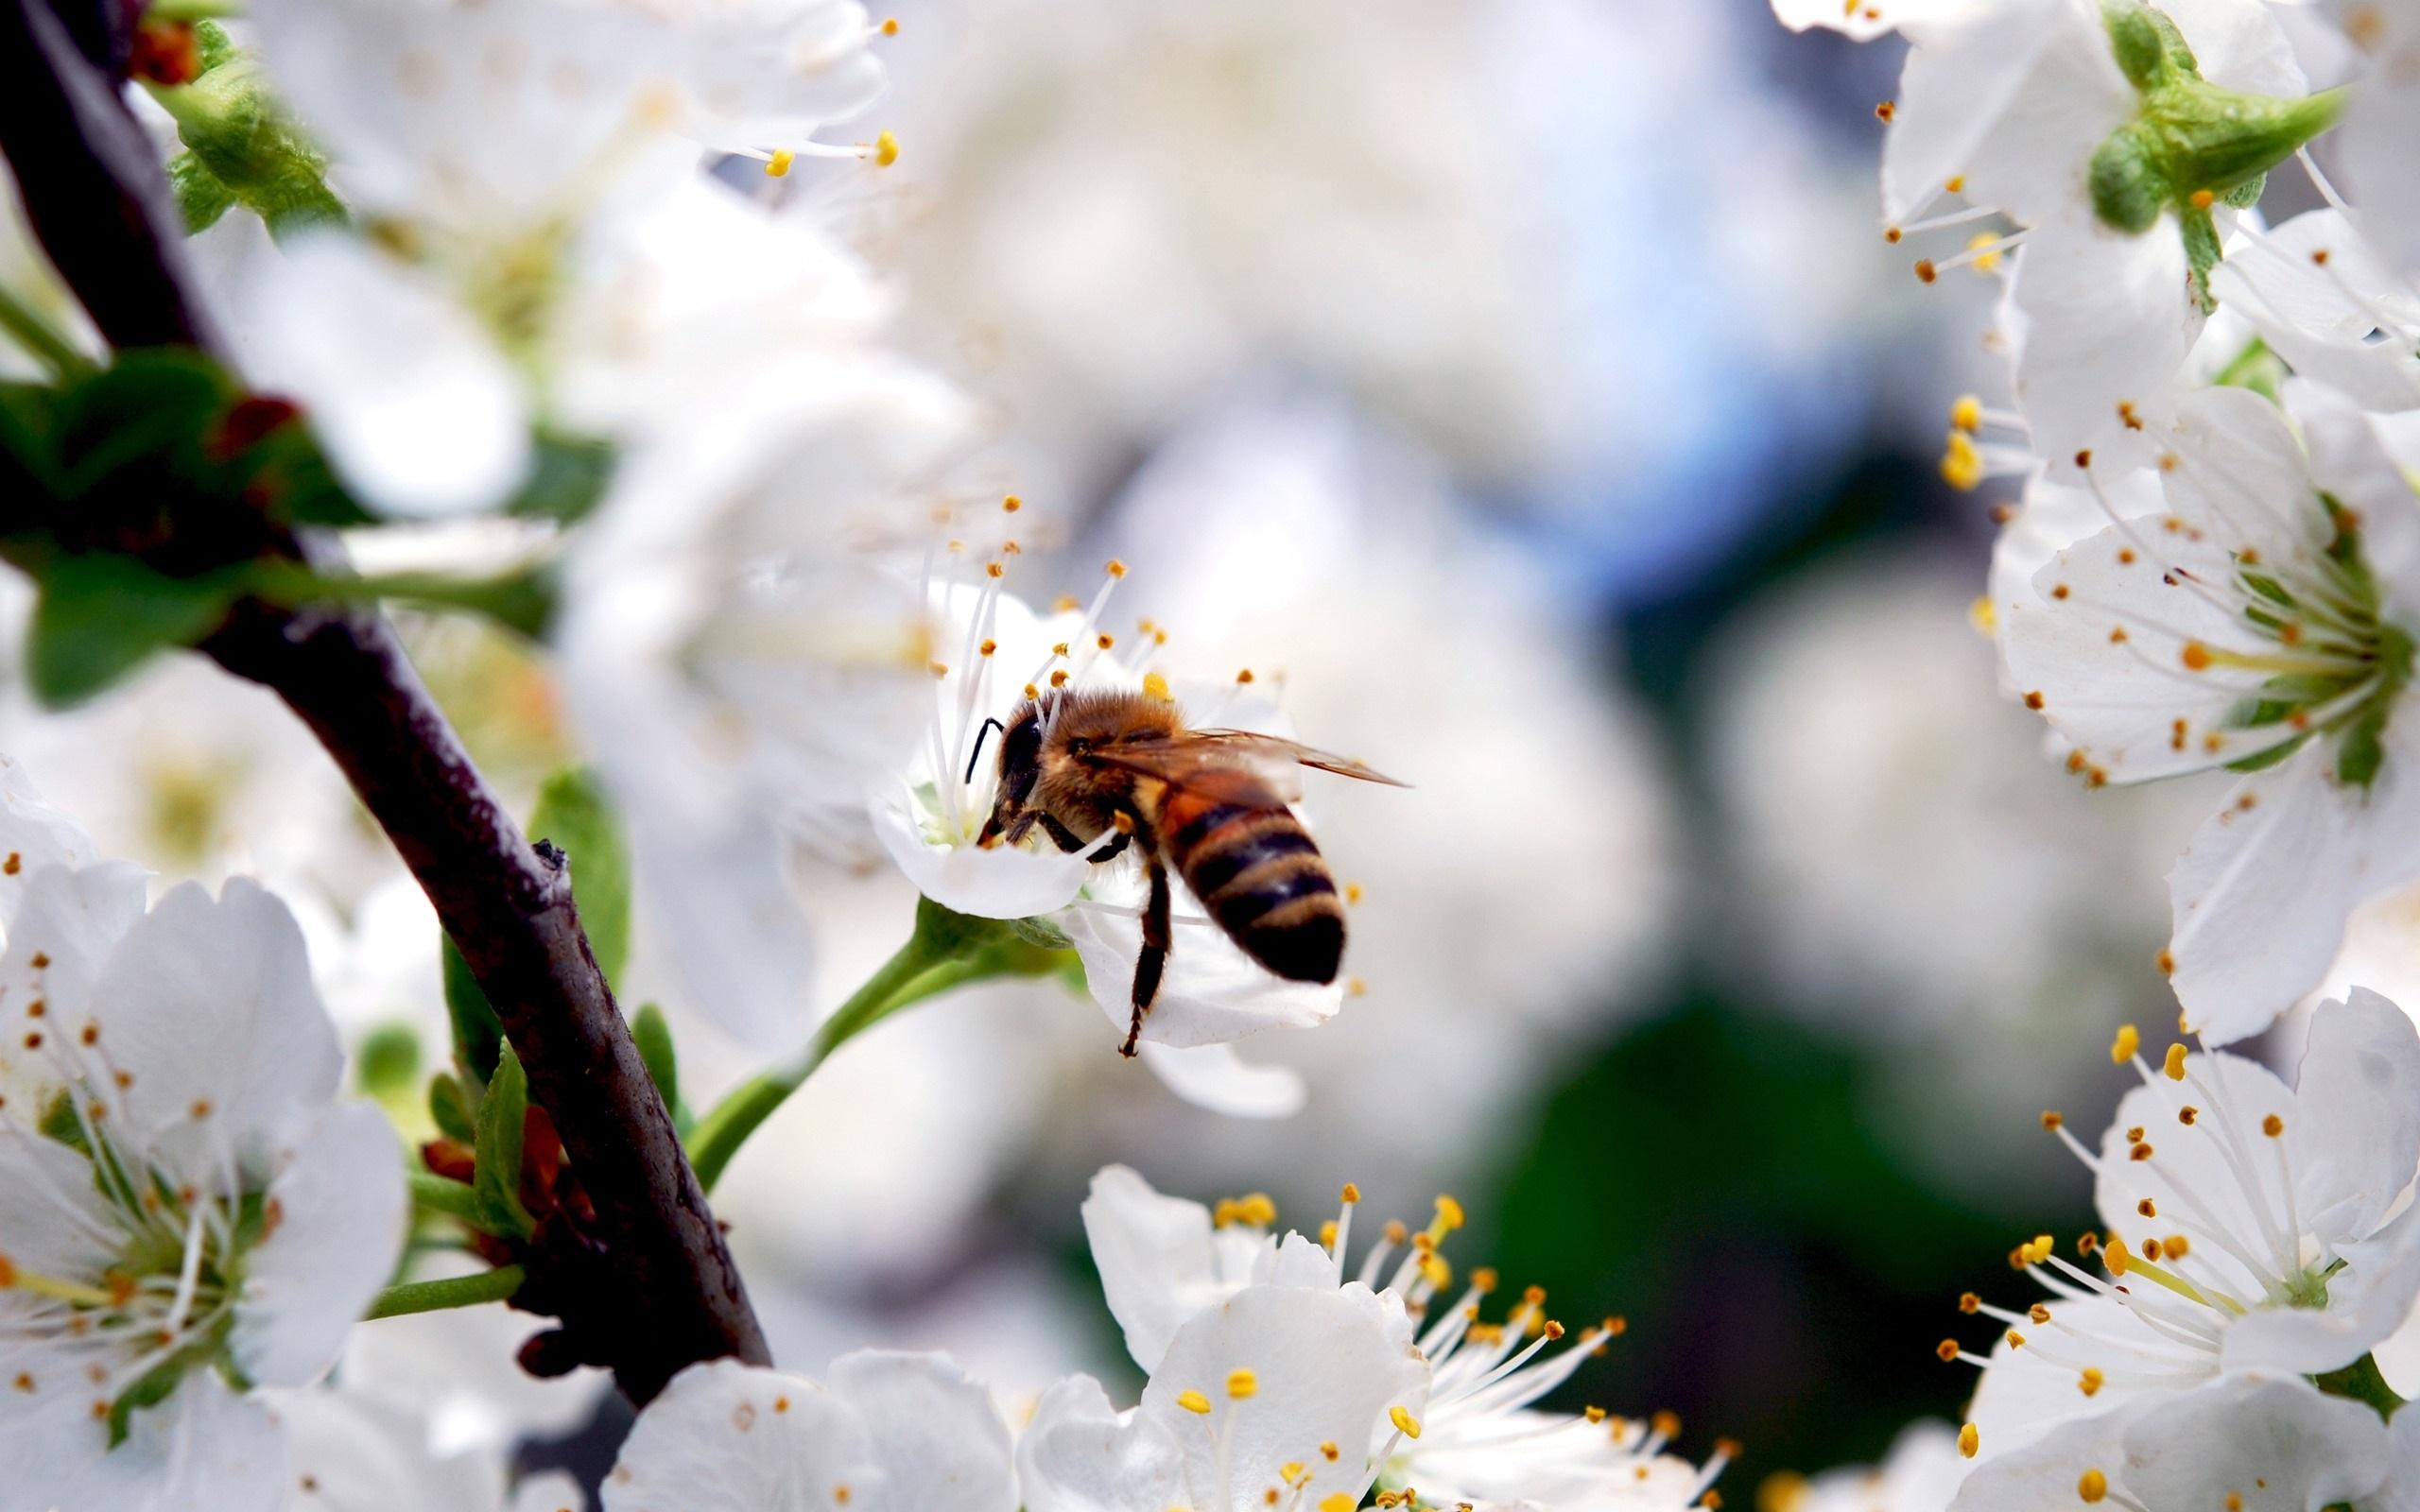 배경 화면 흰색 벚꽃 꽃, 곤충 꿀벌, 봄 2560x1600 HD 그림, 이미지